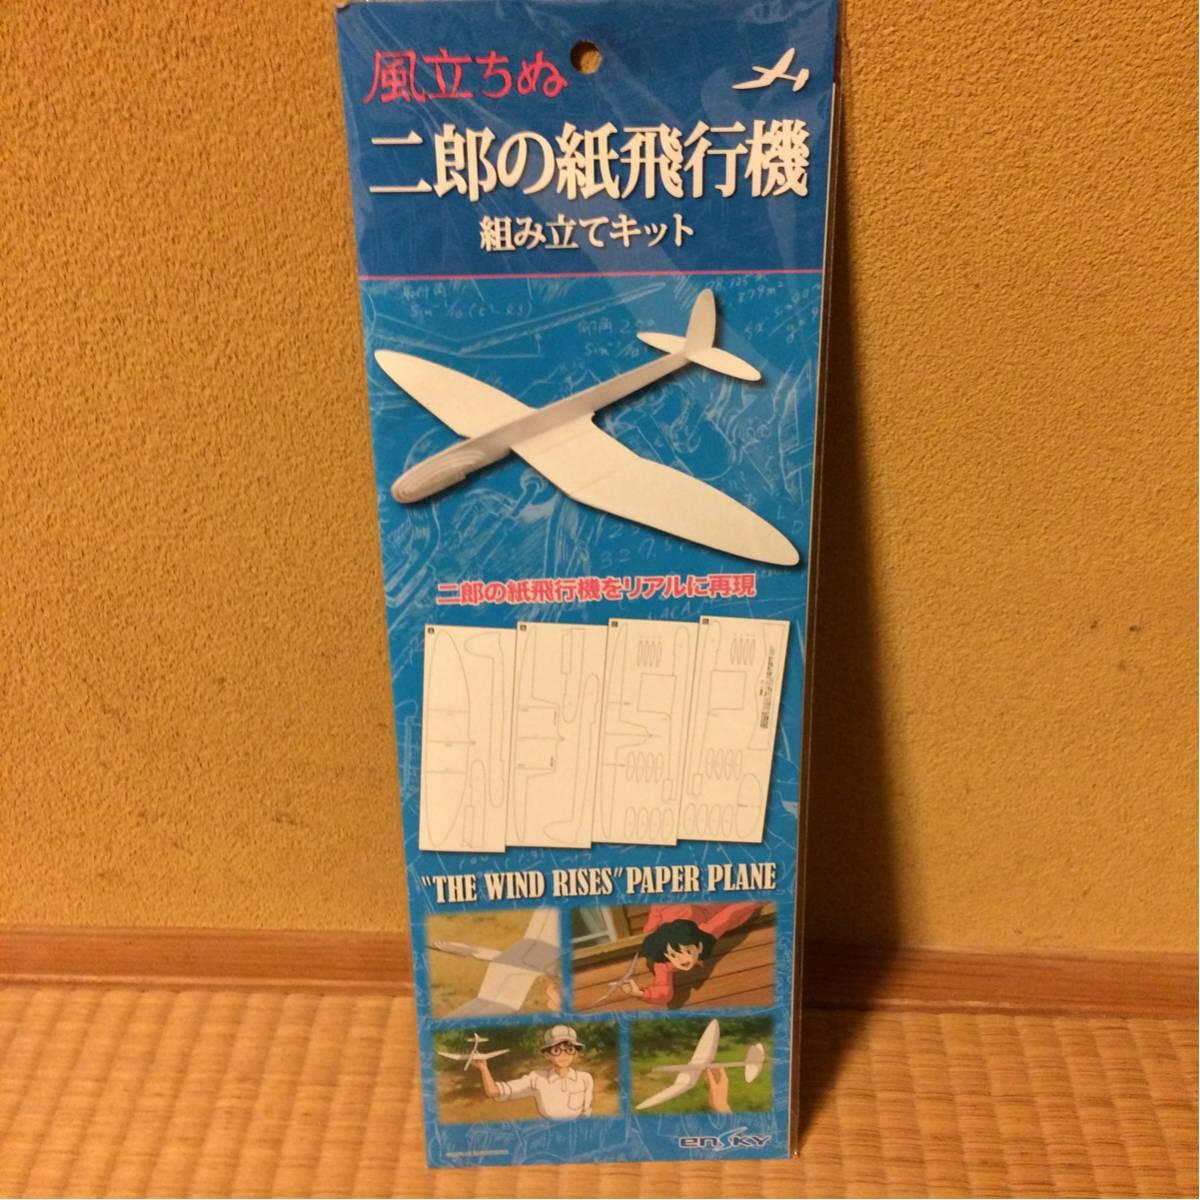 風立ちぬ 二郎の紙飛行機組立キット 新品未開封ペーパークラフト 検)宮崎駿ジブリ グッズの画像